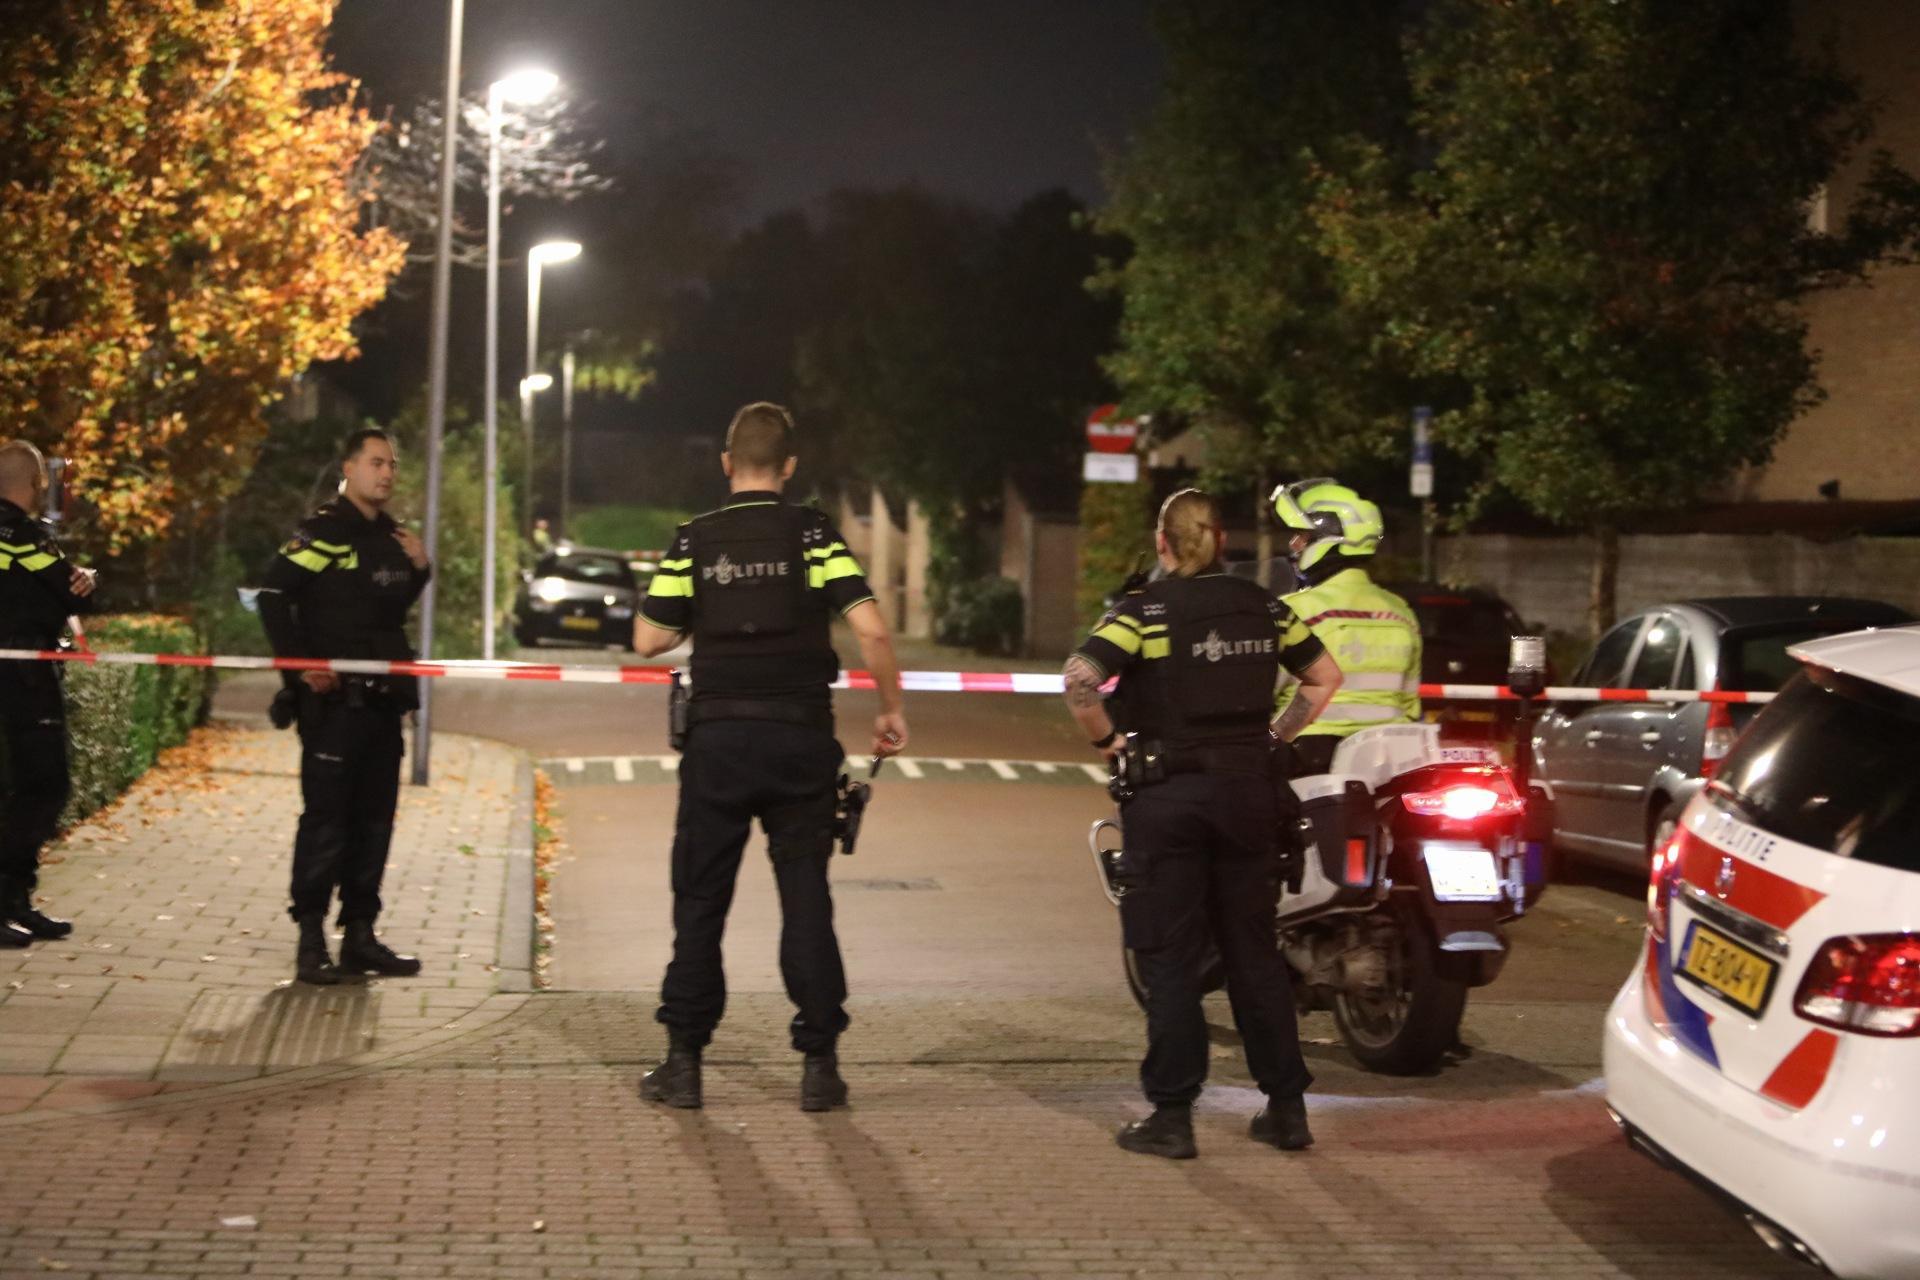 Politie in Naarden uitgerukt vanwege mogelijk schietincident